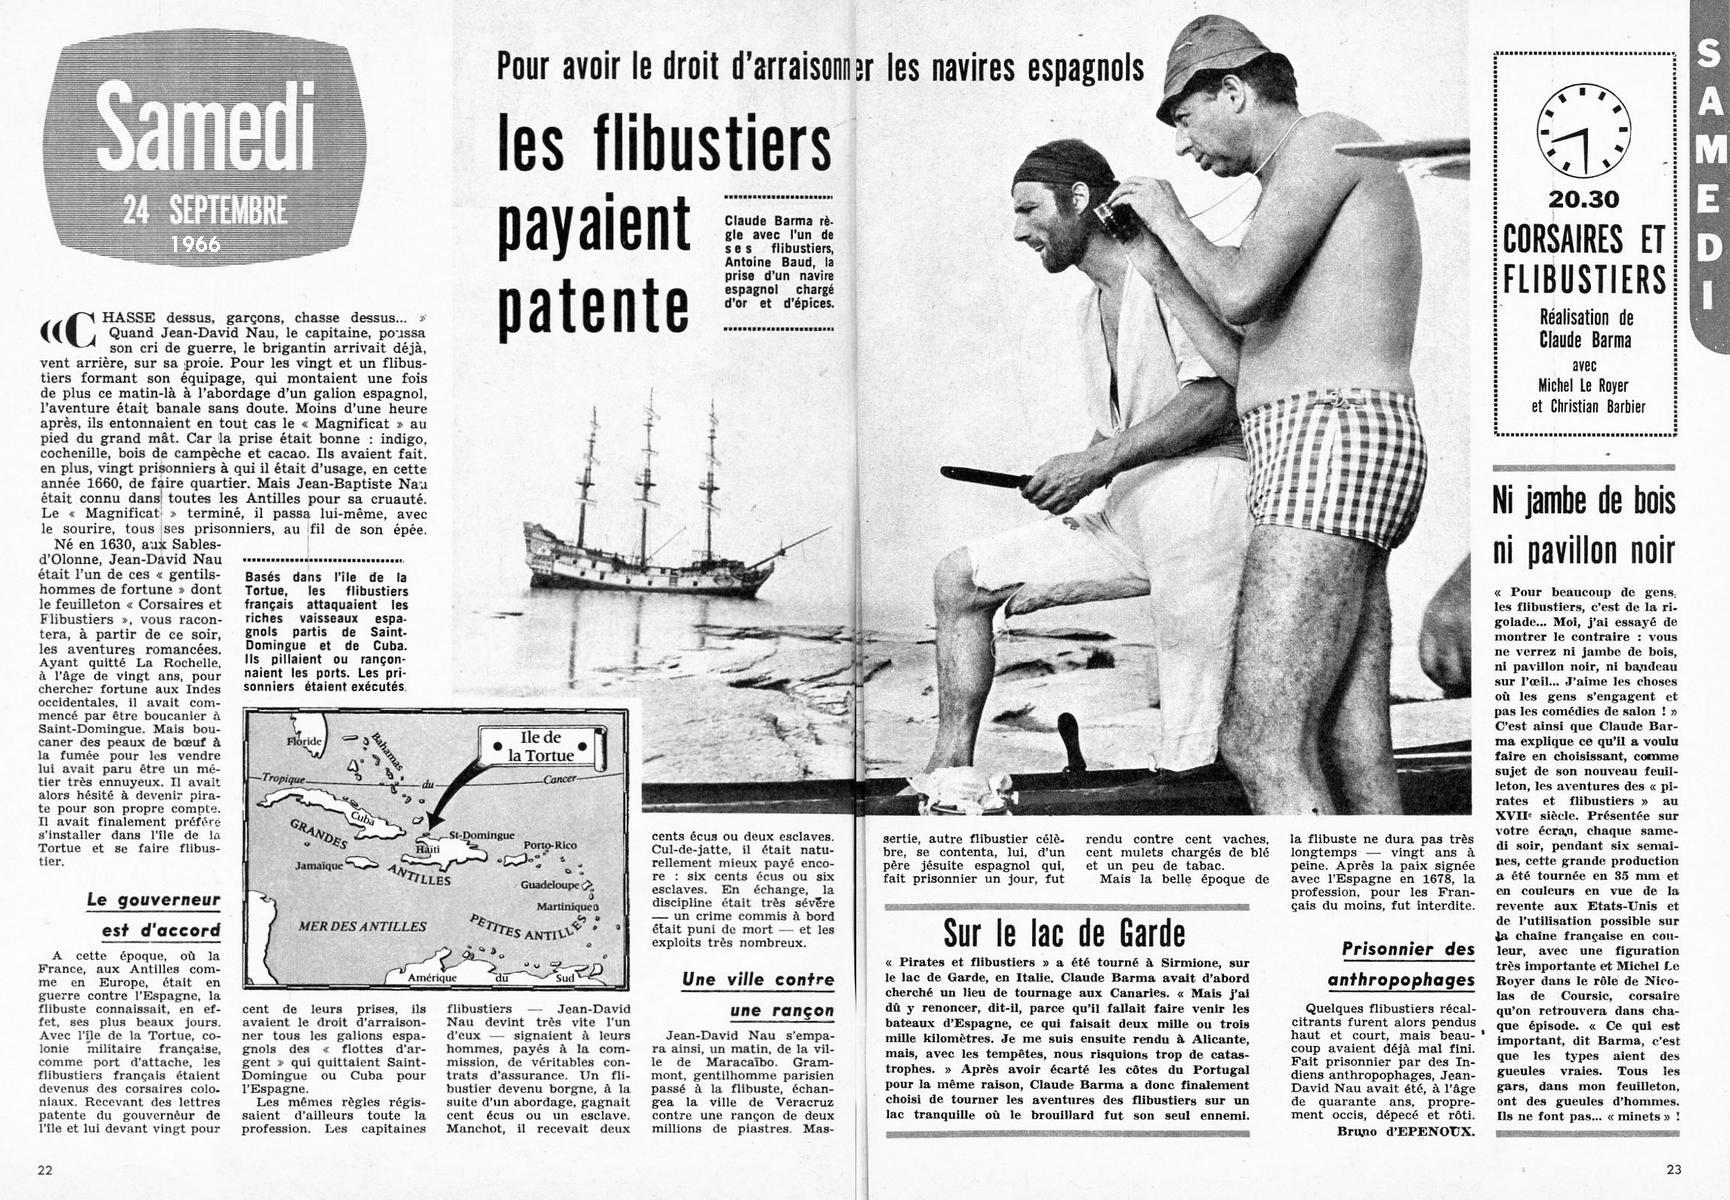 TÉLÉCHARGER LA FLIBUSTIERE DES ANTILLES